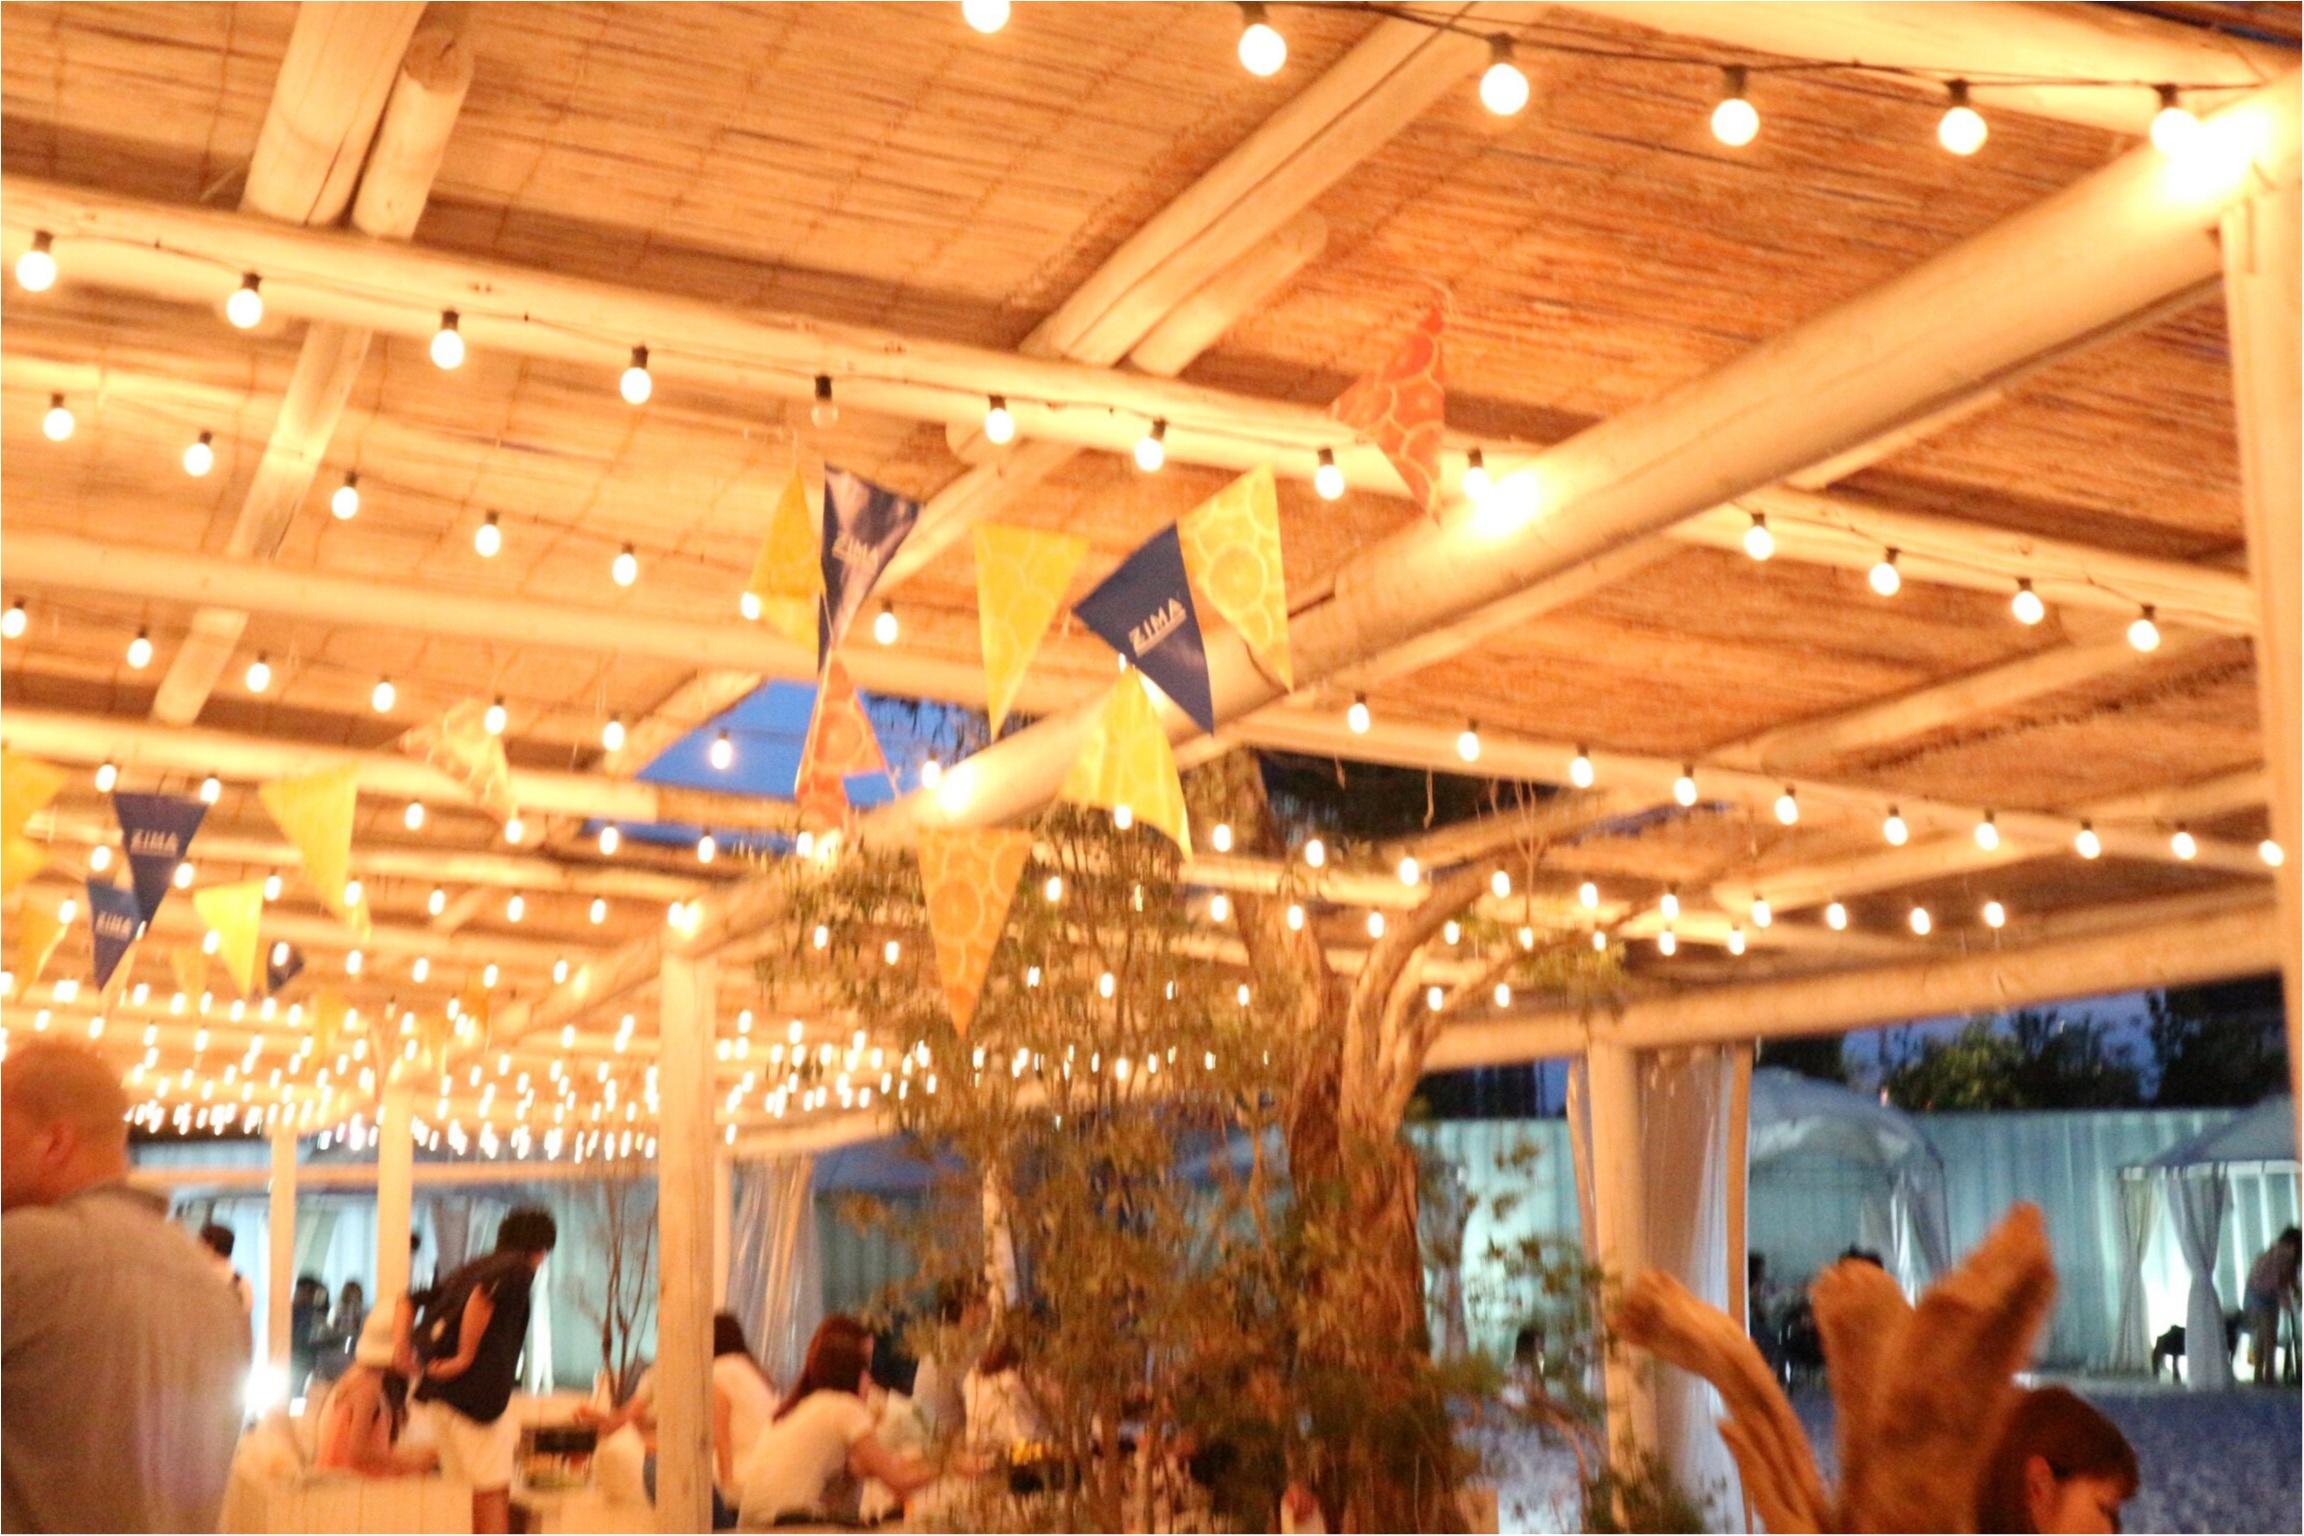 【FOOD】手ぶらでGO!w 今ドキBBQはリゾート空間で夏らしく楽しむ☆話題のスポットへ行ってきました!_8